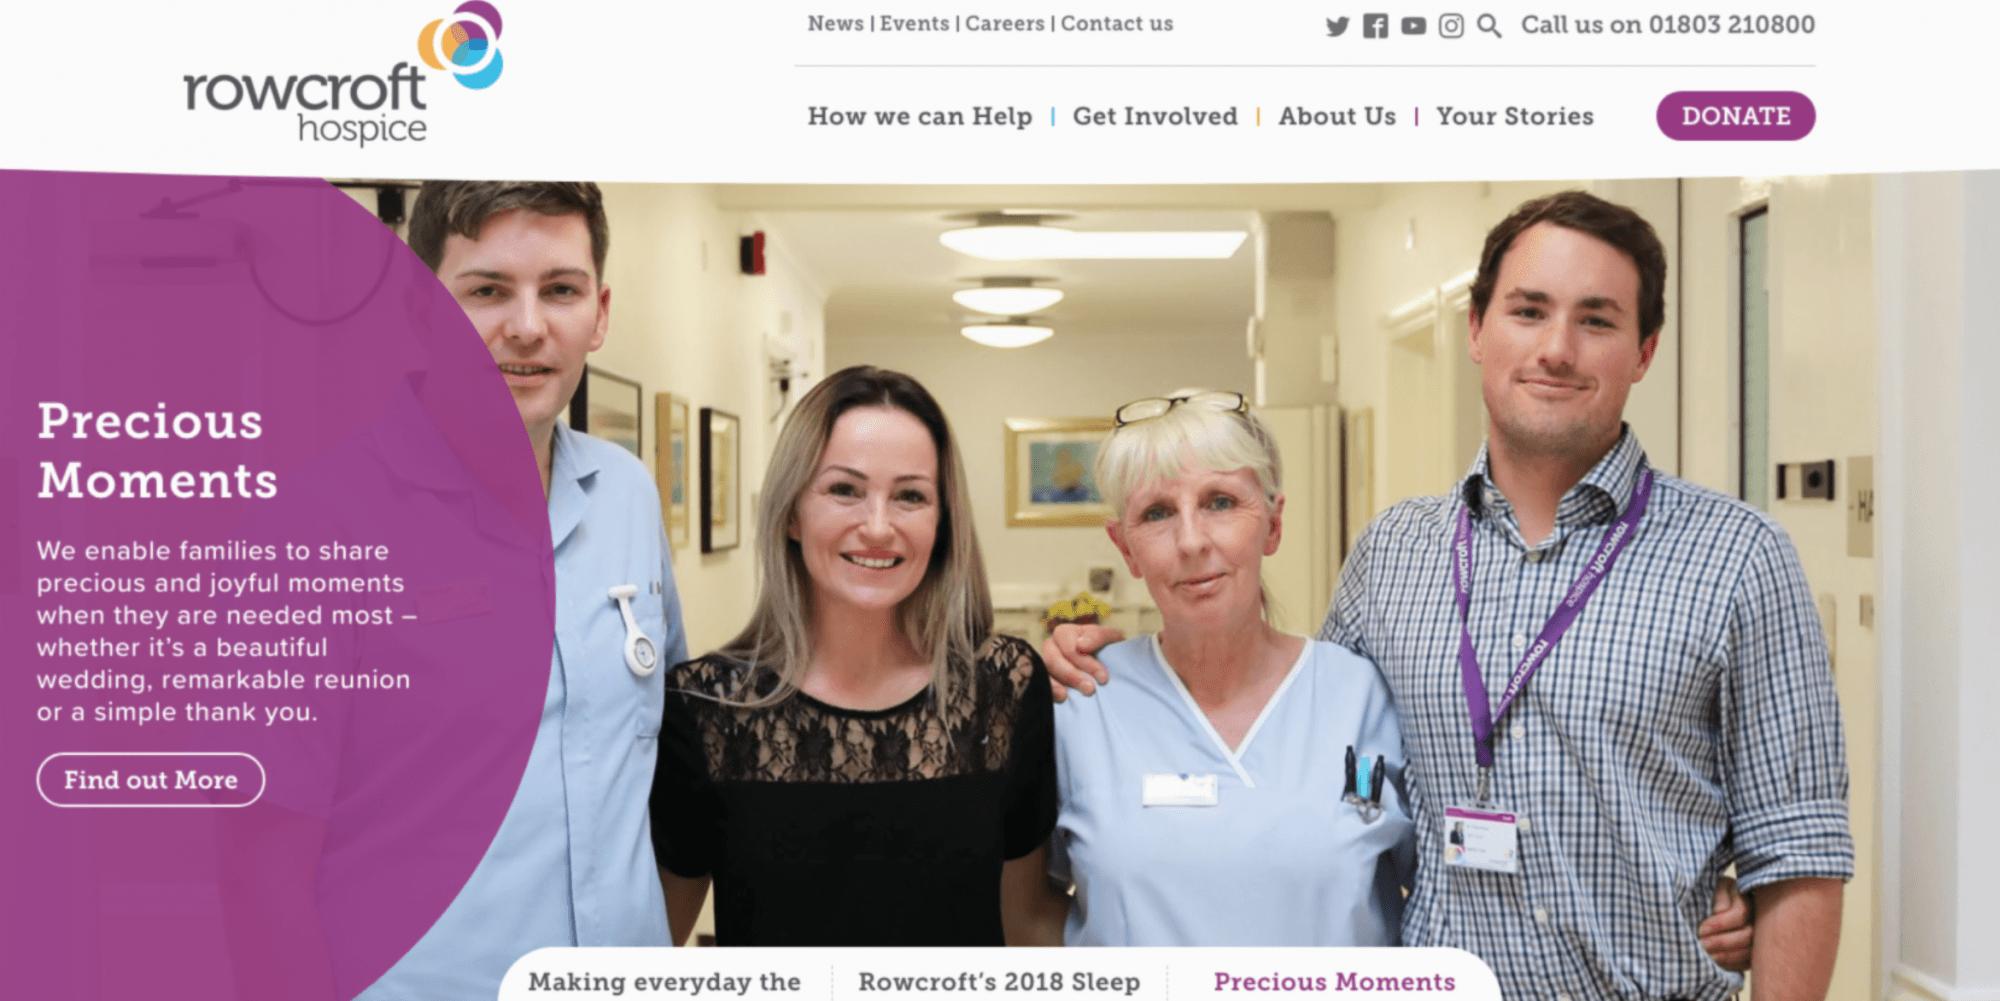 Rowcroft website redesign